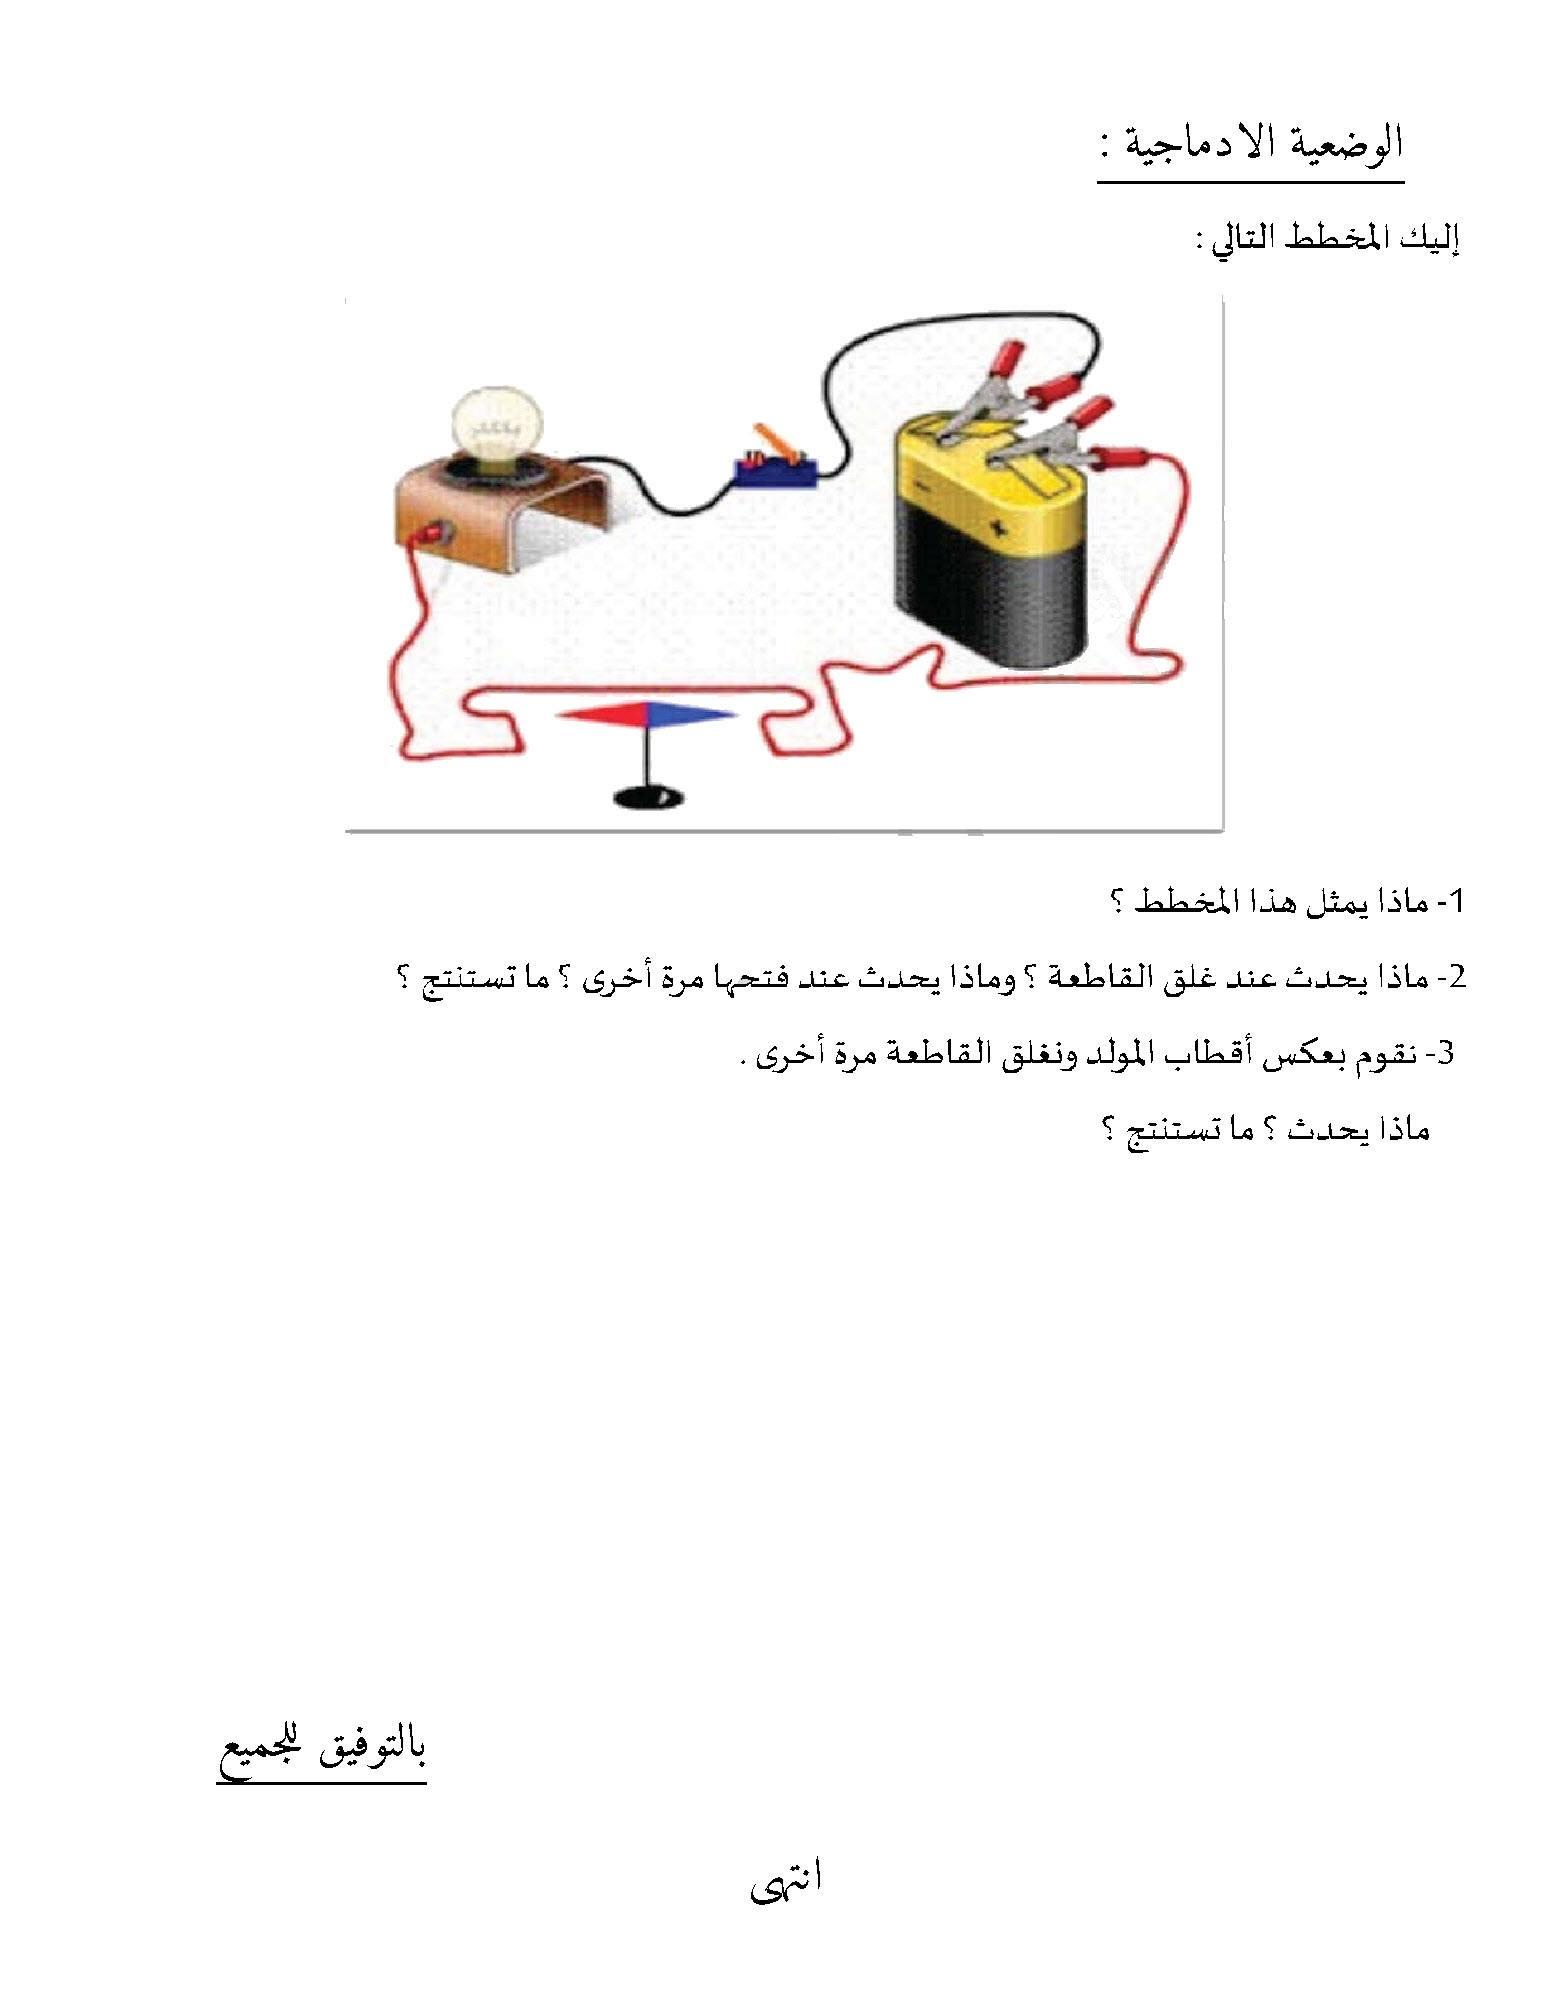 اختبار الفصل الثالث في العلوم الفيزيائية السنة الثانية متوسط - الموضوع 09